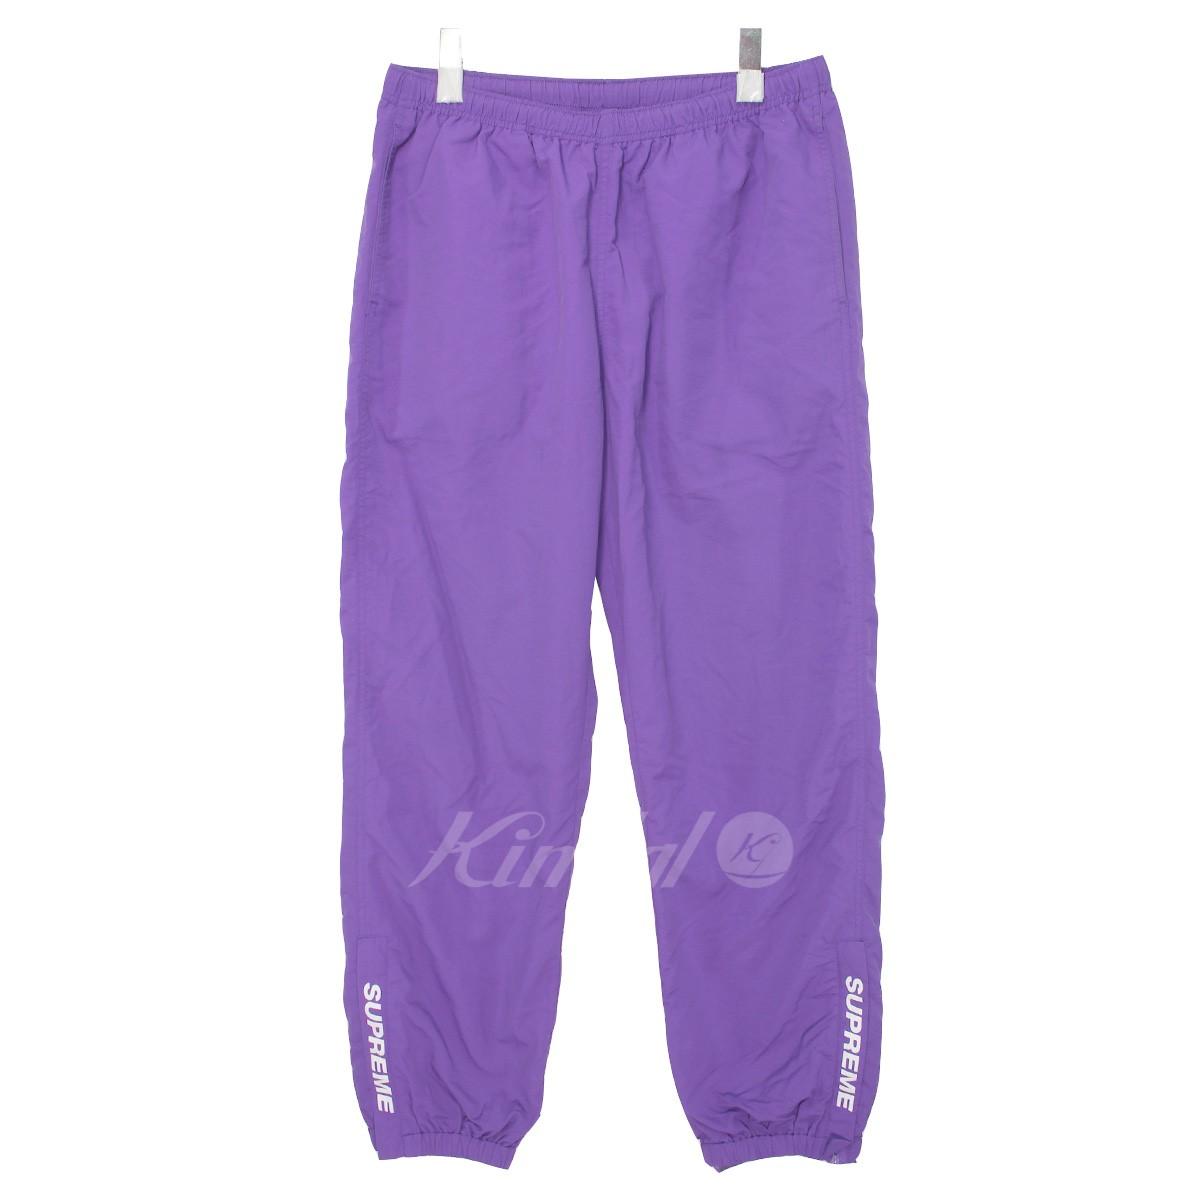 【中古】SUPREME 17AW Warm Up Pant 裾ロゴナイロンウォームアップパンツ パープル サイズ:M 【送料無料】 【020419】(シュプリーム)